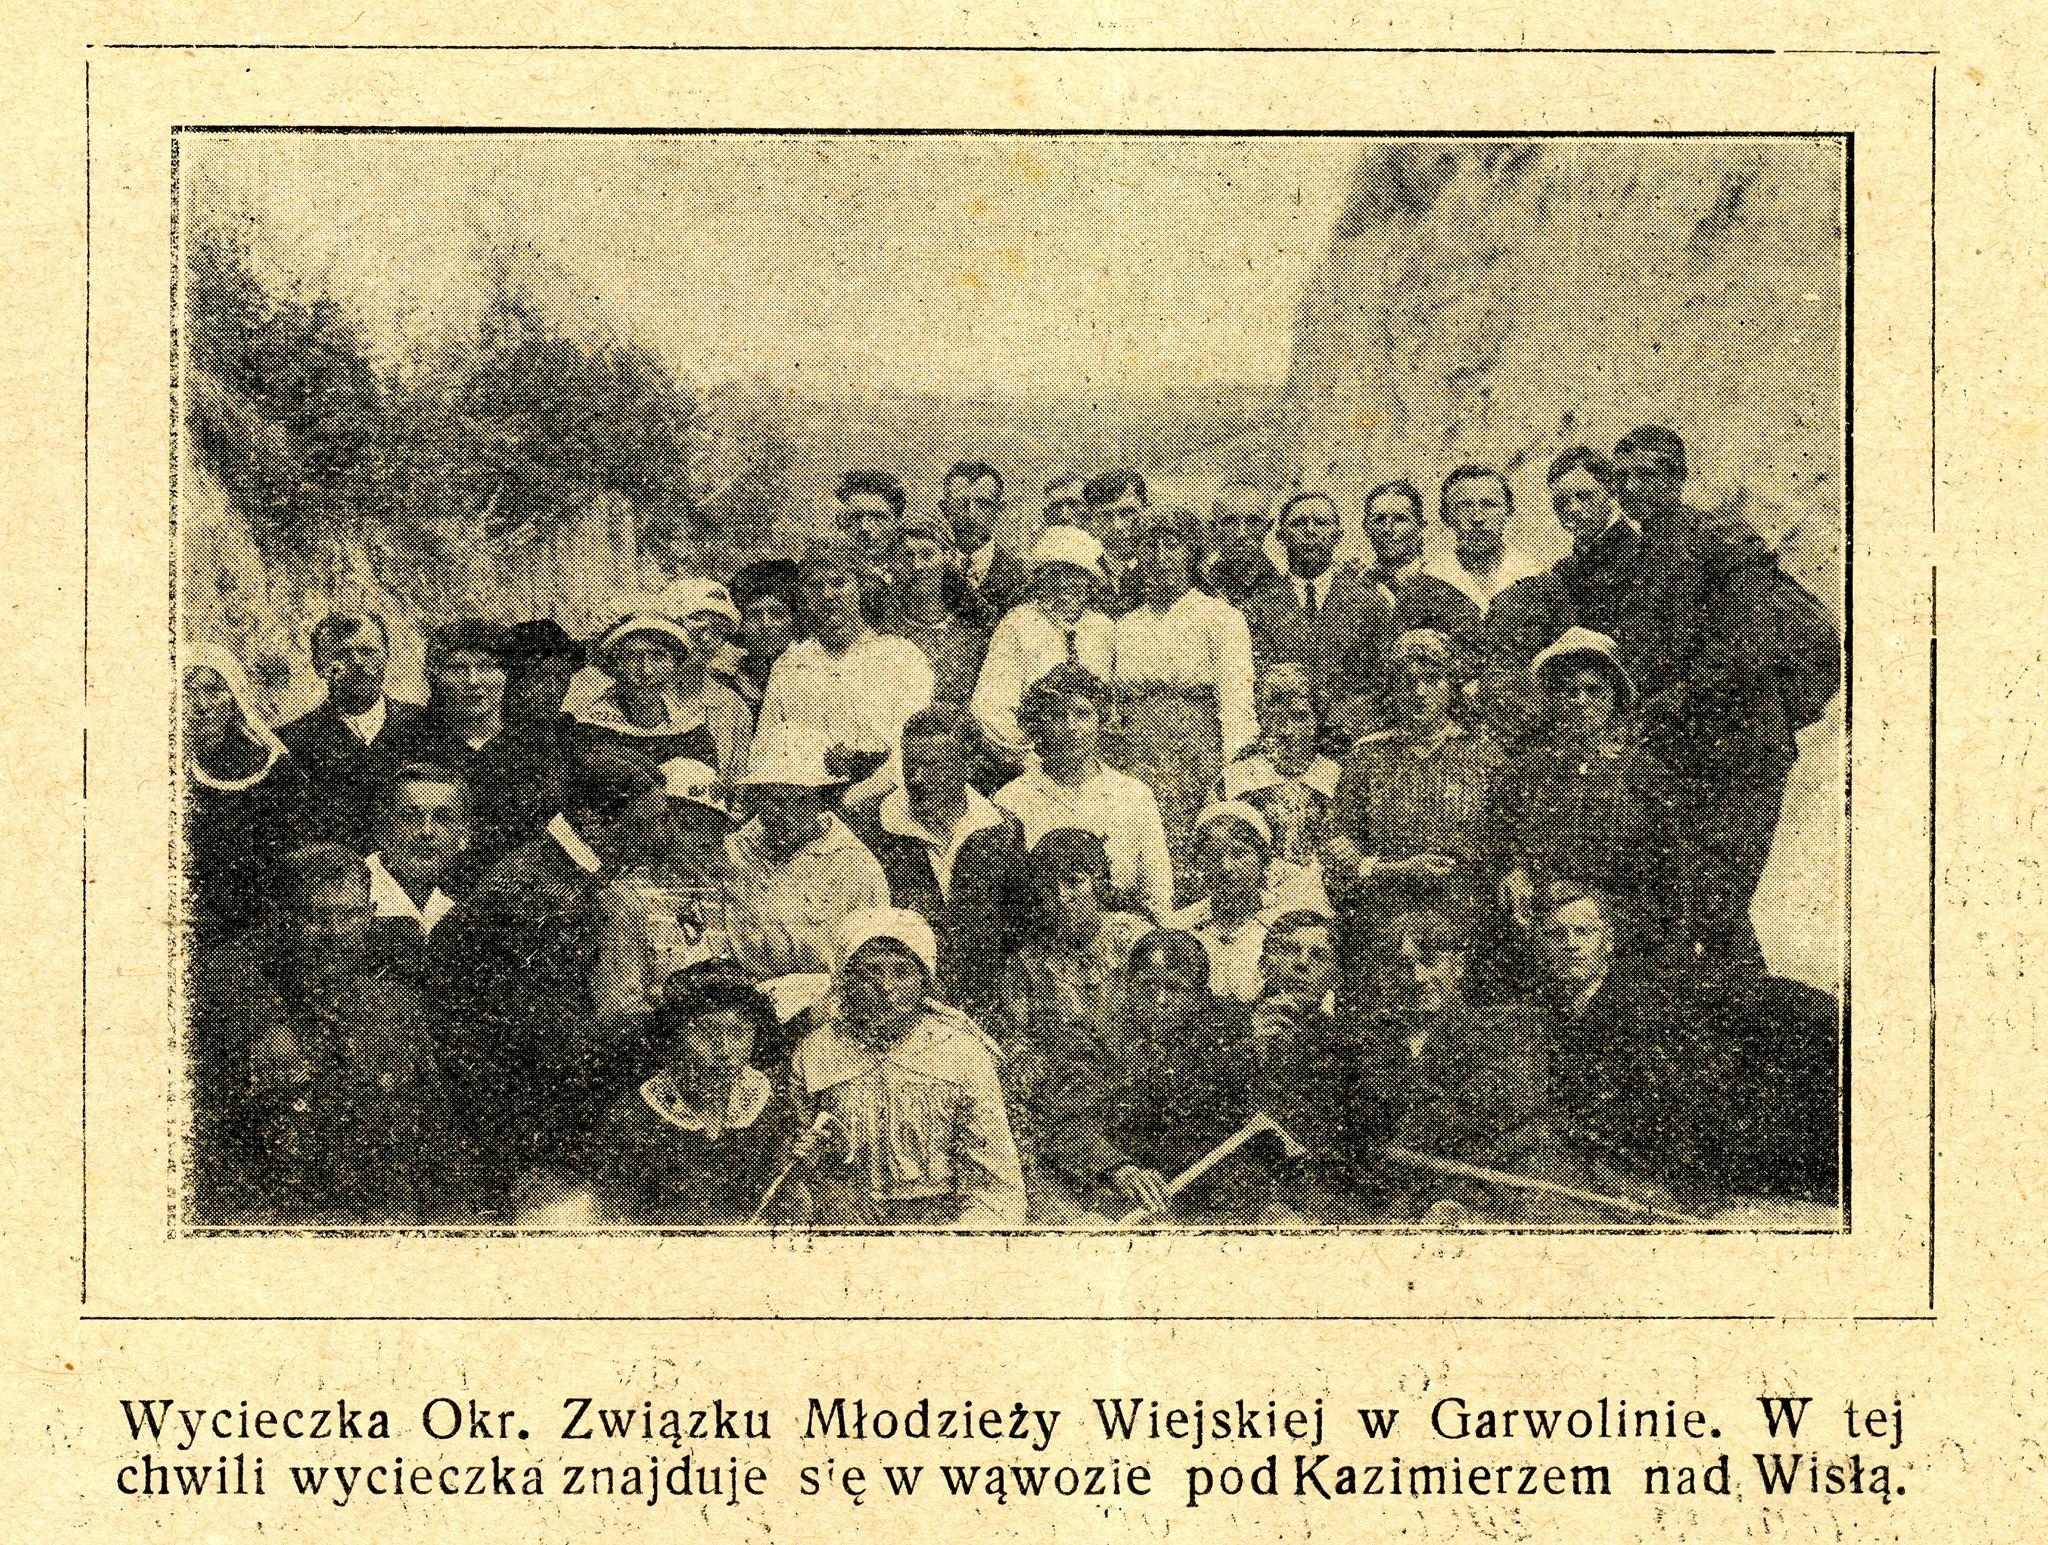 Wycieczka Okręgowego Związku Młodzieży Wiejskiej w Garwolinie do Kazimierza nad Wisłą.